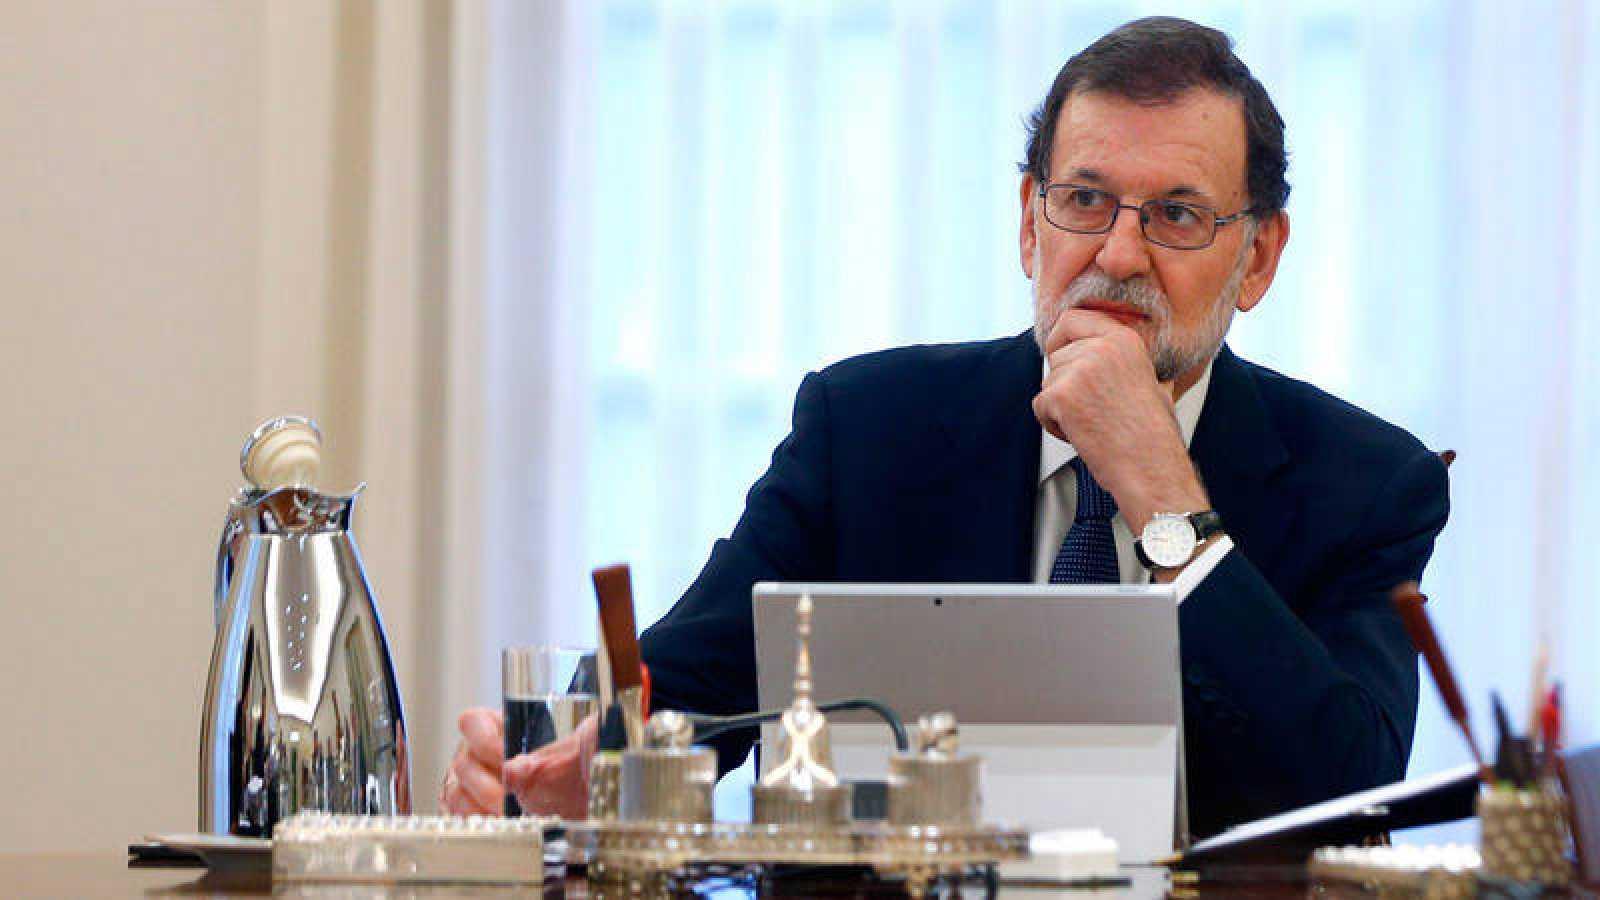 El presidente del Gobierno, Mariano Rajoy, en la reunión extraordinaria del Consejo de Ministros del pasado 11 de octubre